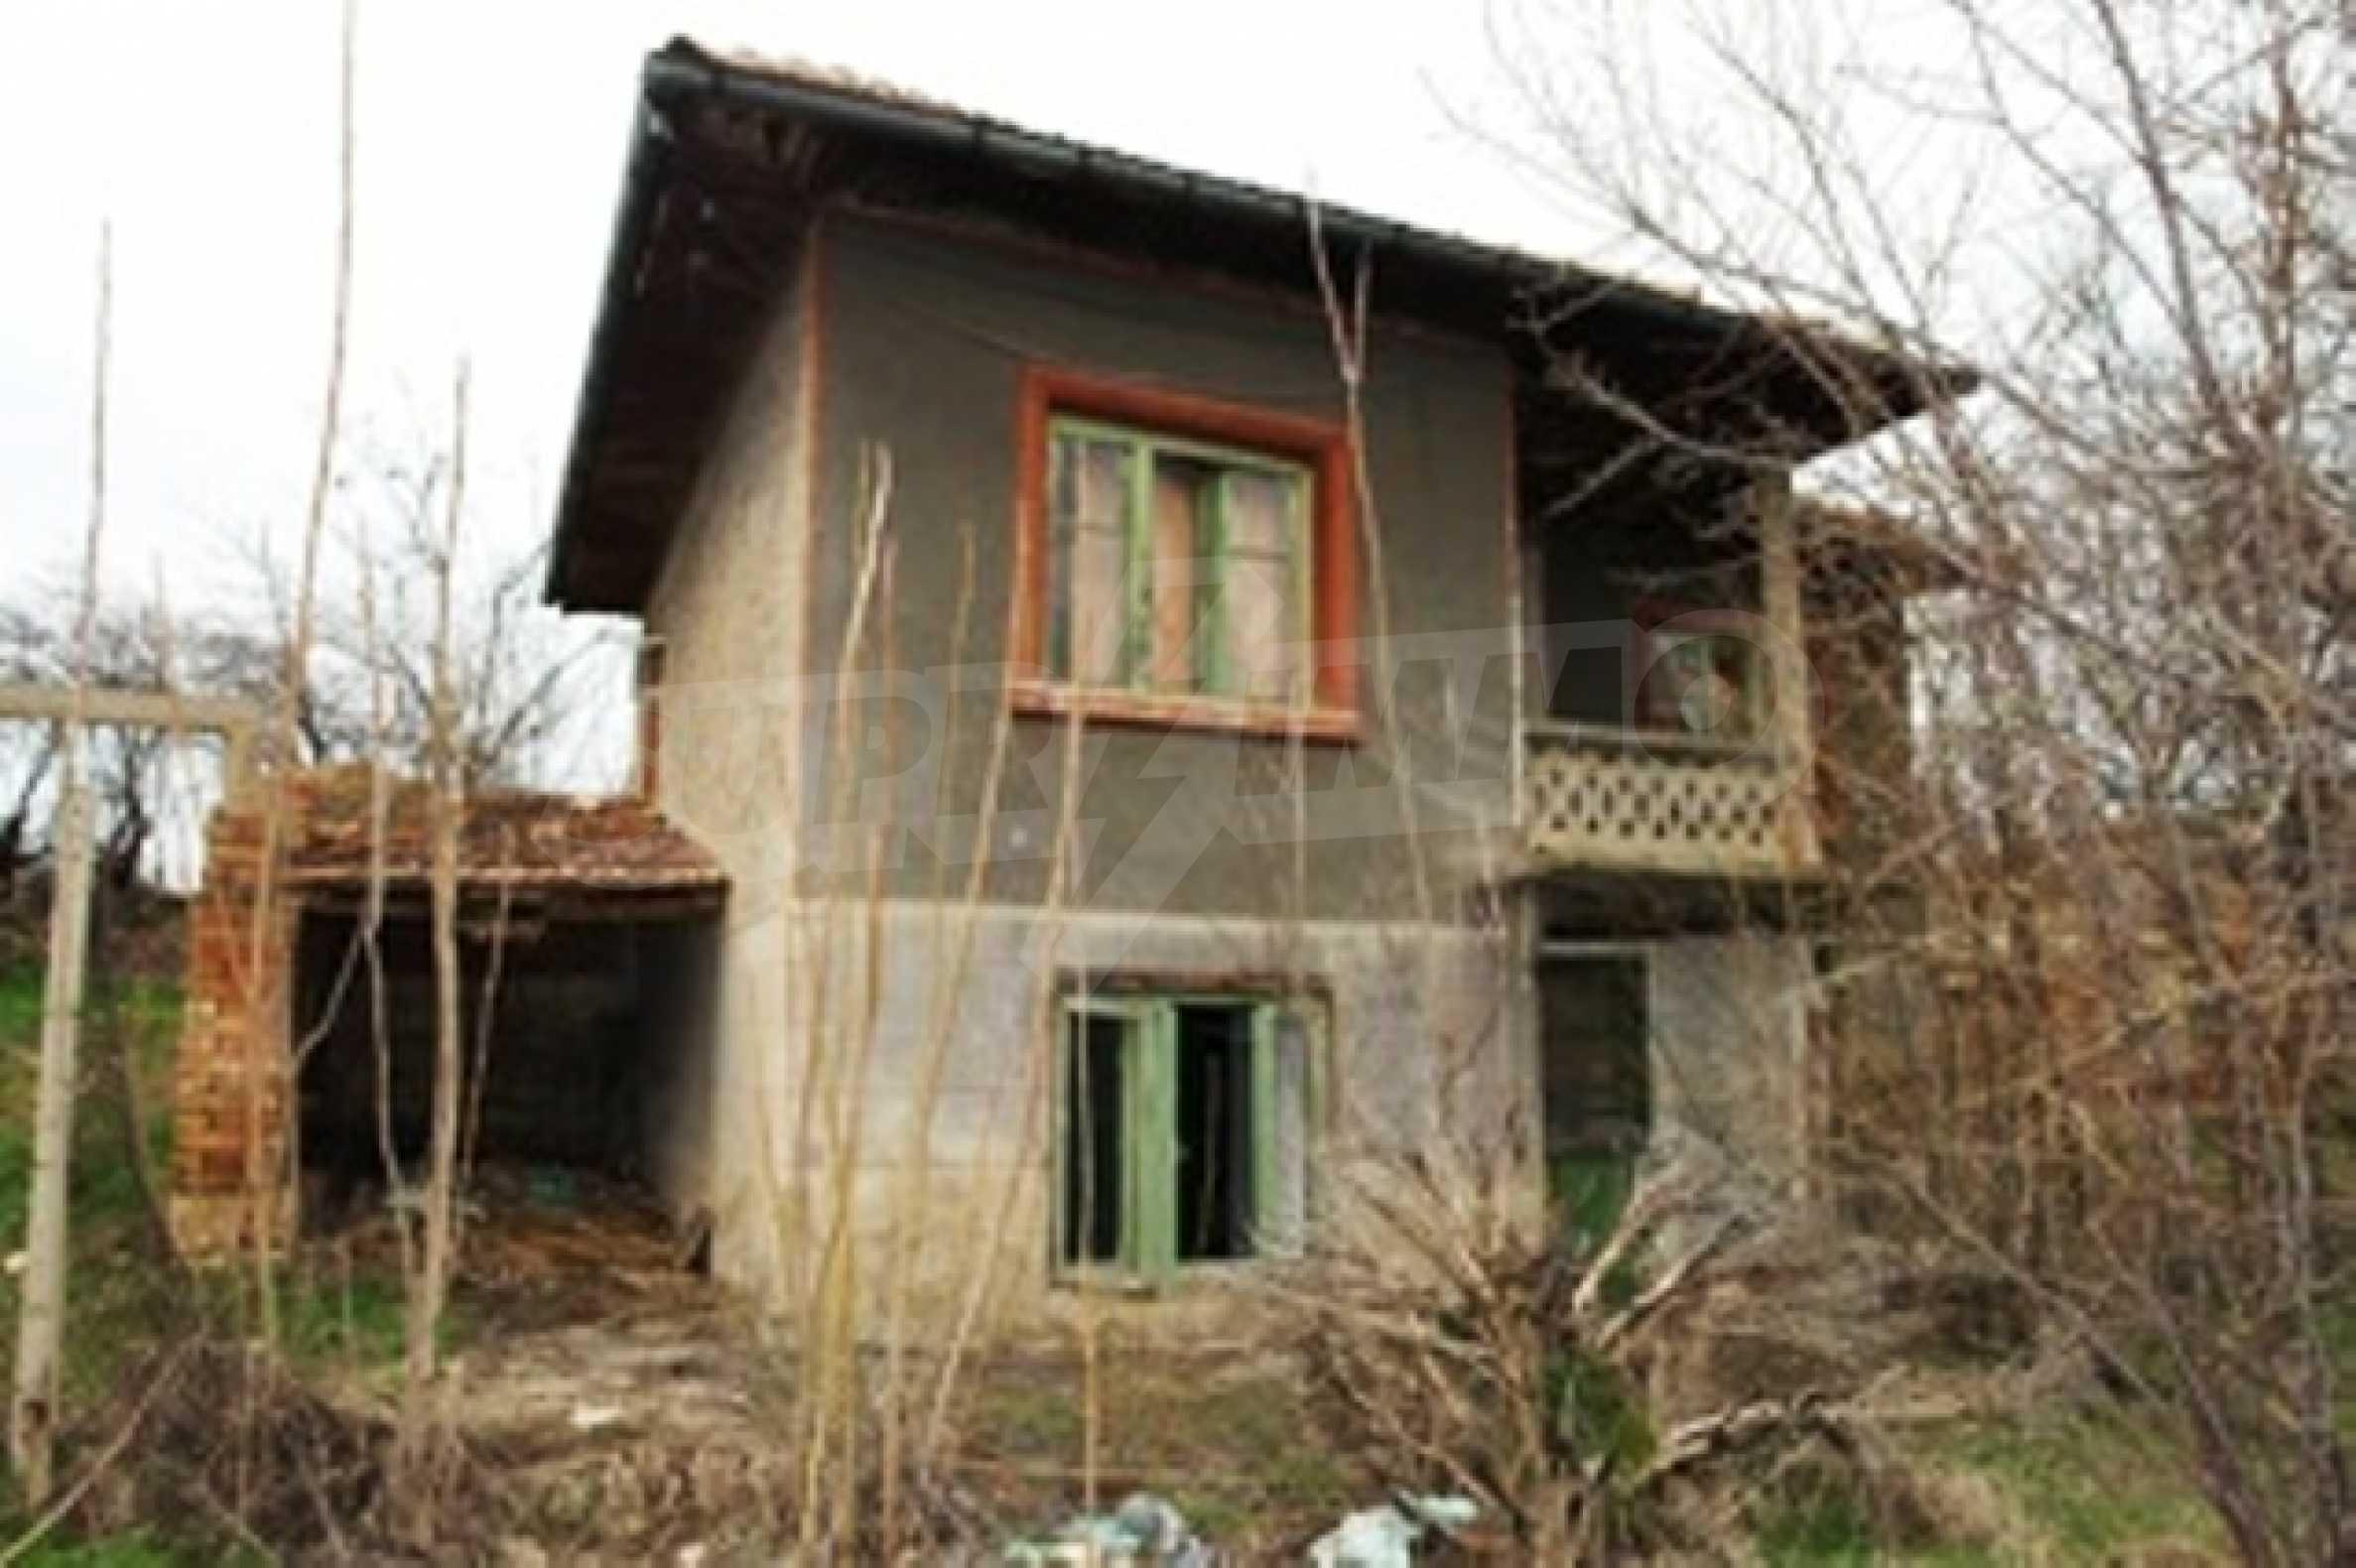 House for sale in Beltsov village